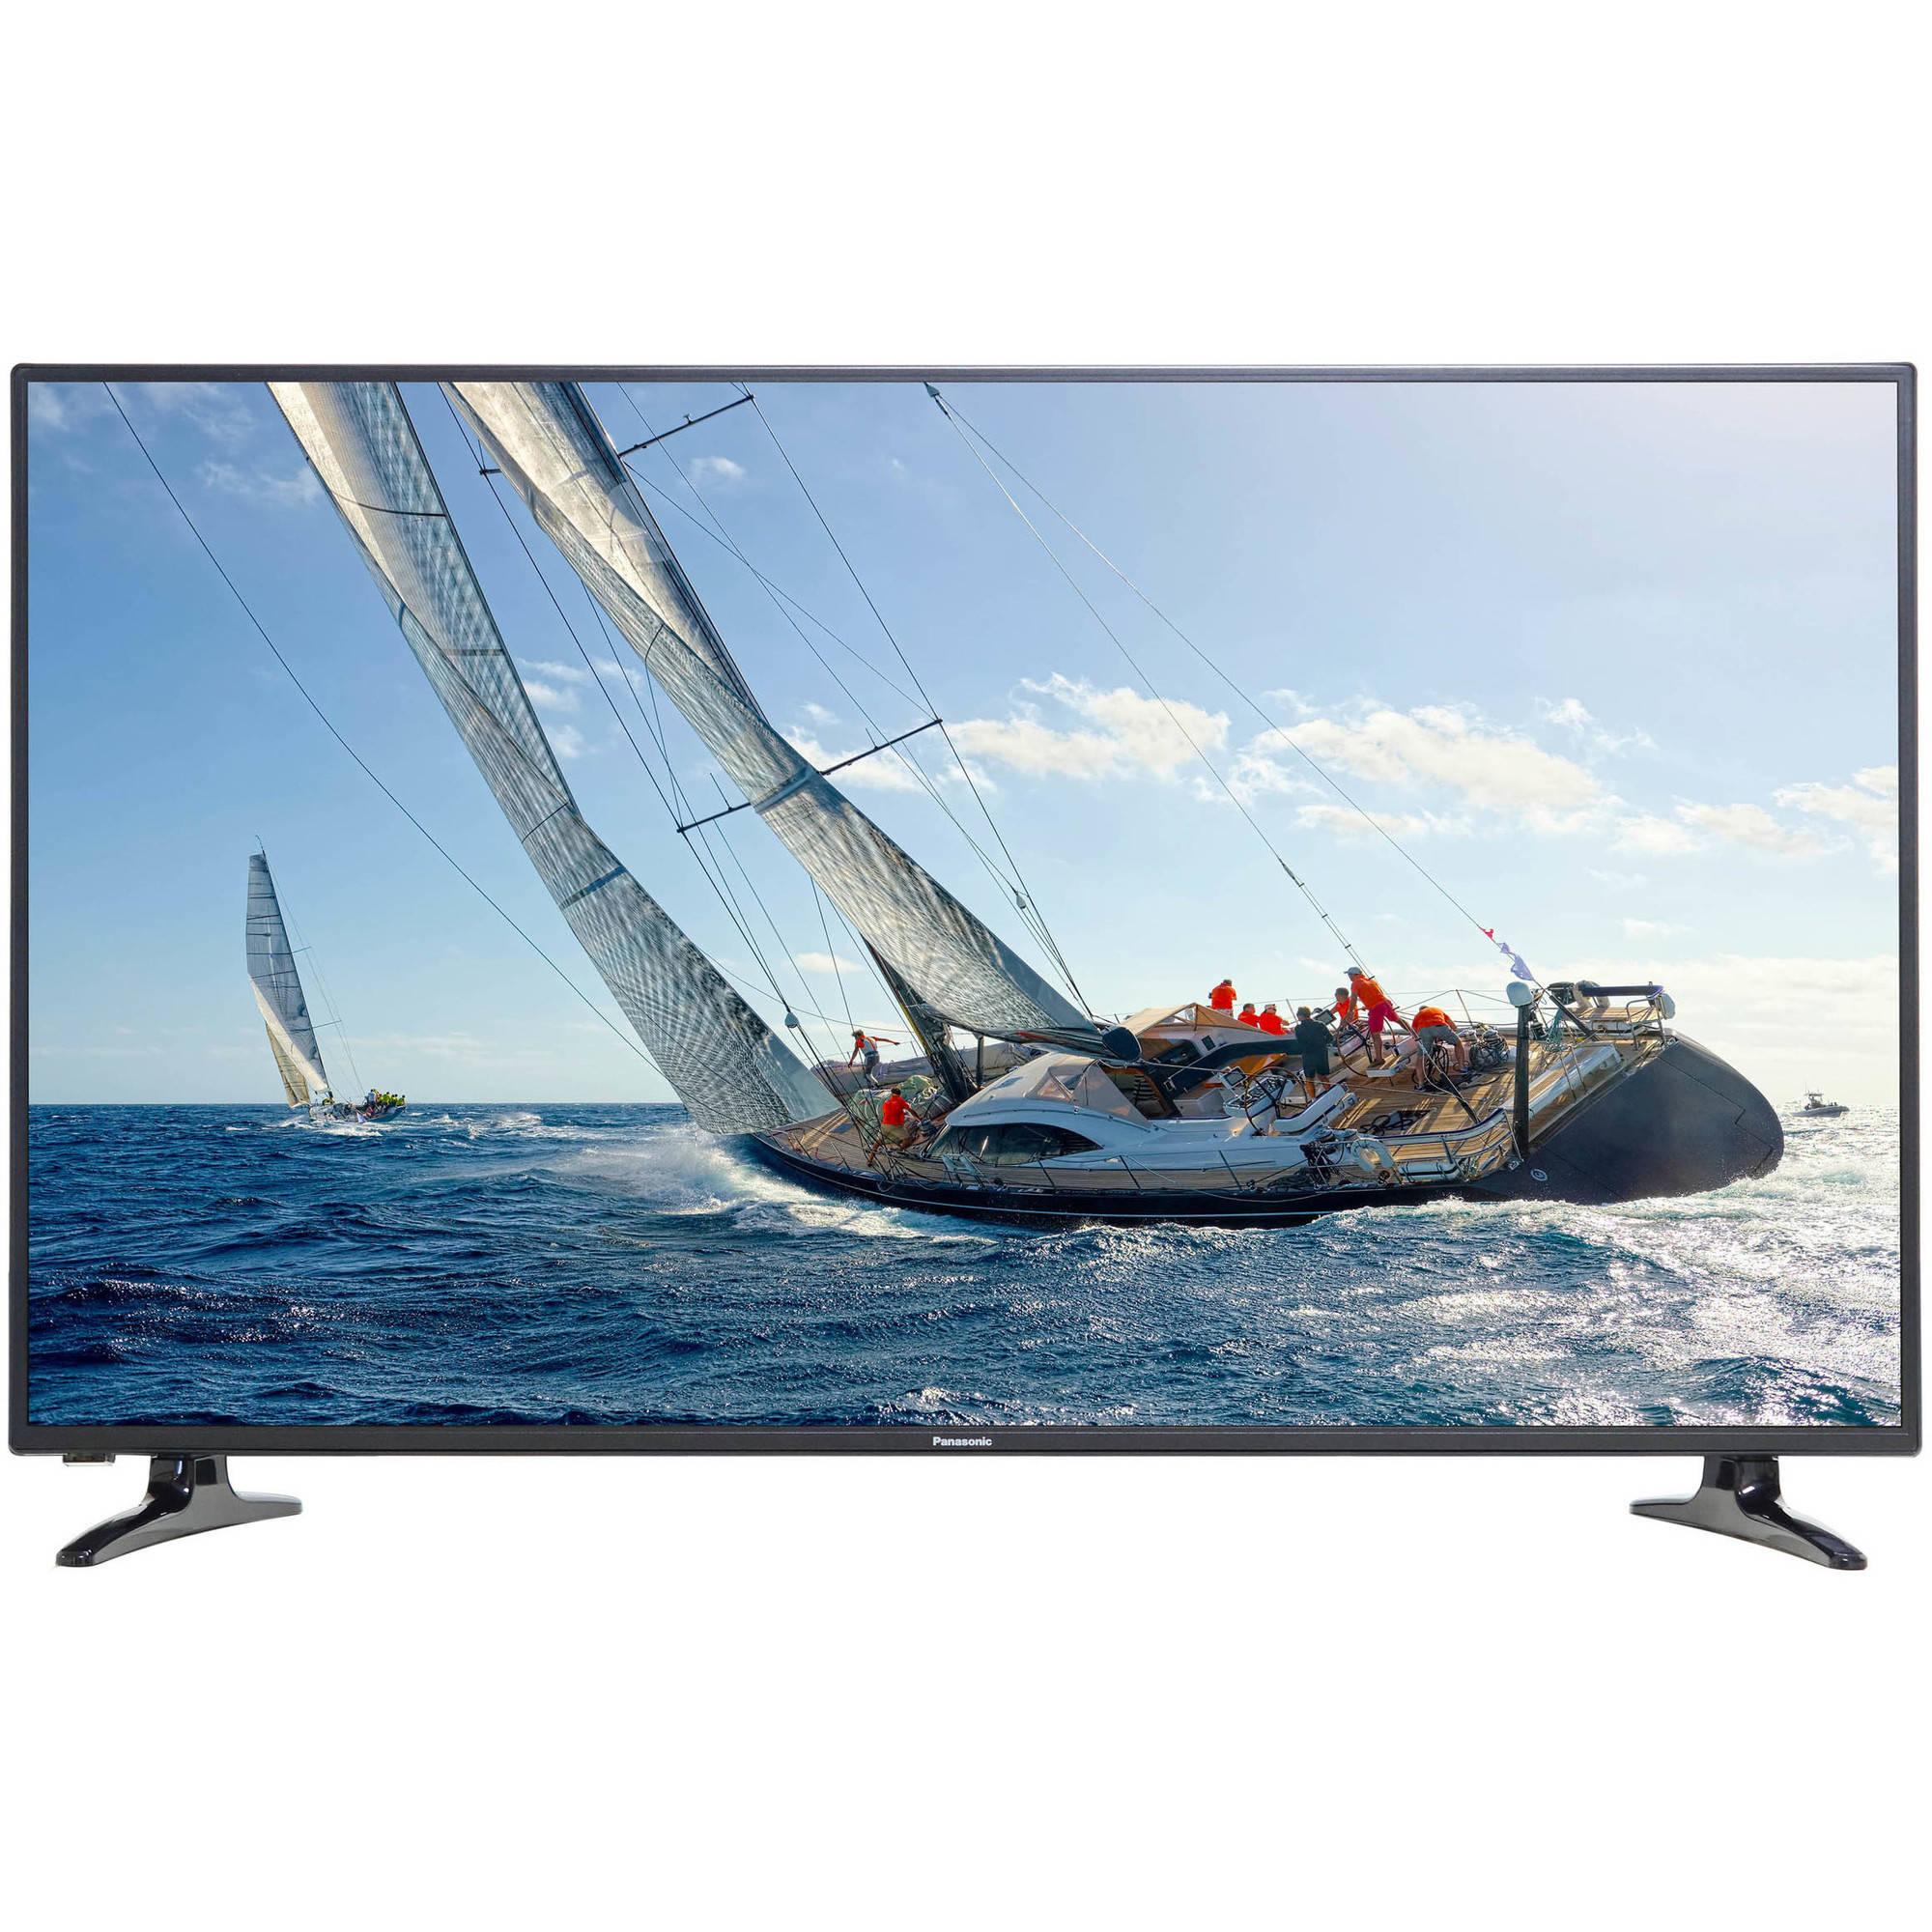 """Panasonic 50"""" Class 4K (2160P) LED Smart HDTV (TC-50CX400U)"""